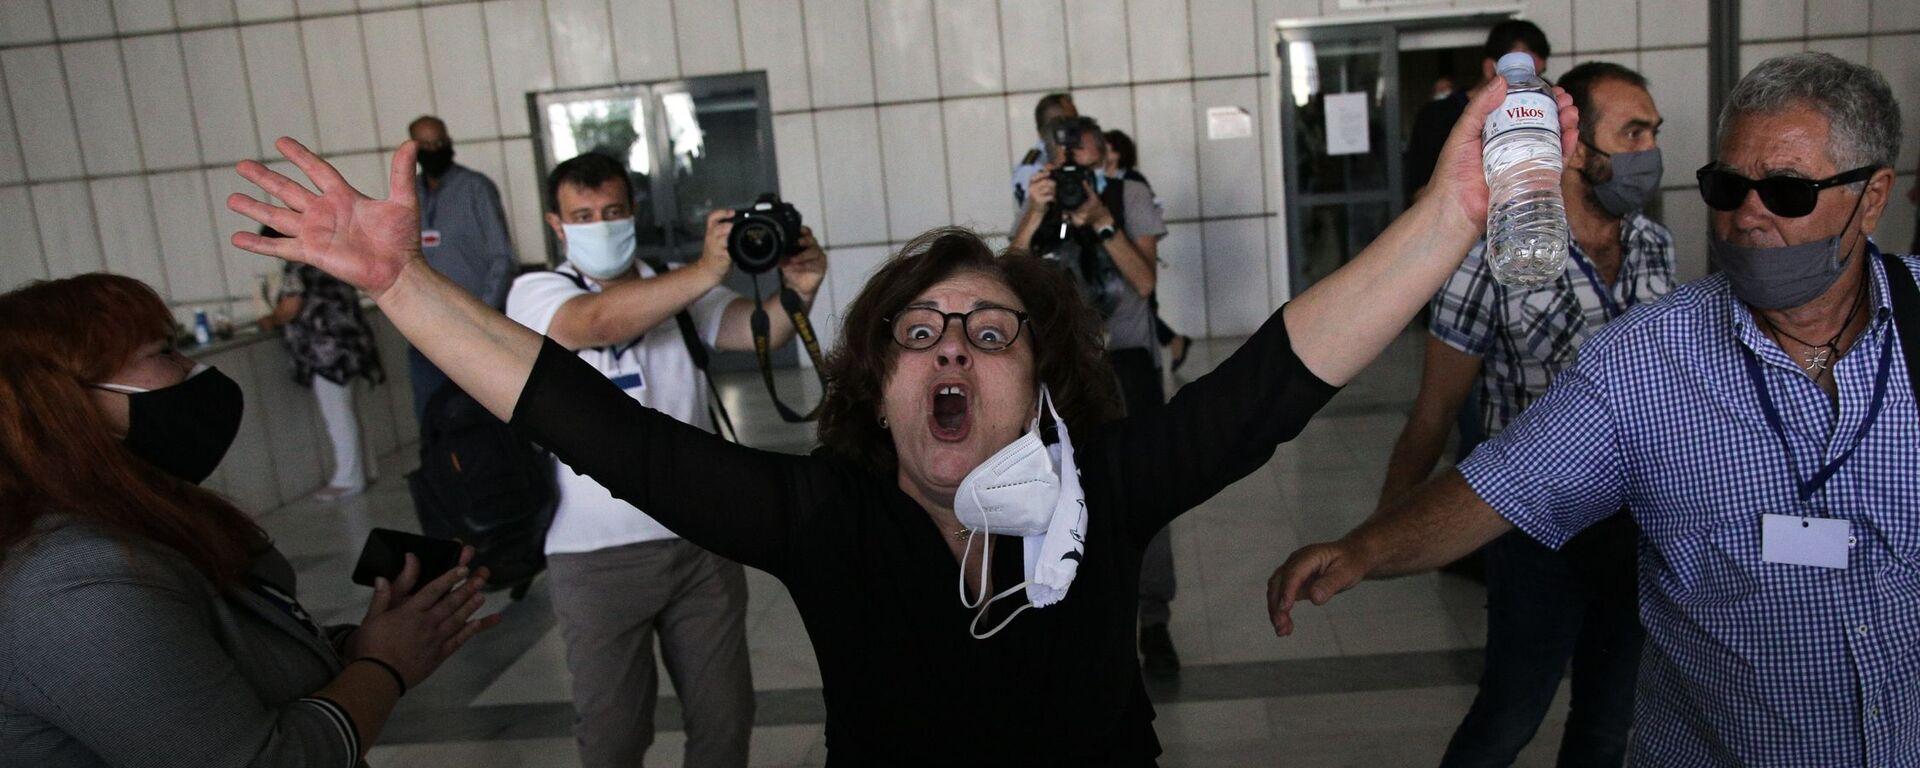 Η Μάγδα Φύσσα φωνάζει «Παύλο» μετά την ανακοίνωση της απόφασης για τον Ρουπακιά, 7 Οκτωβρίου 2020 - Sputnik Ελλάδα, 1920, 07.10.2021